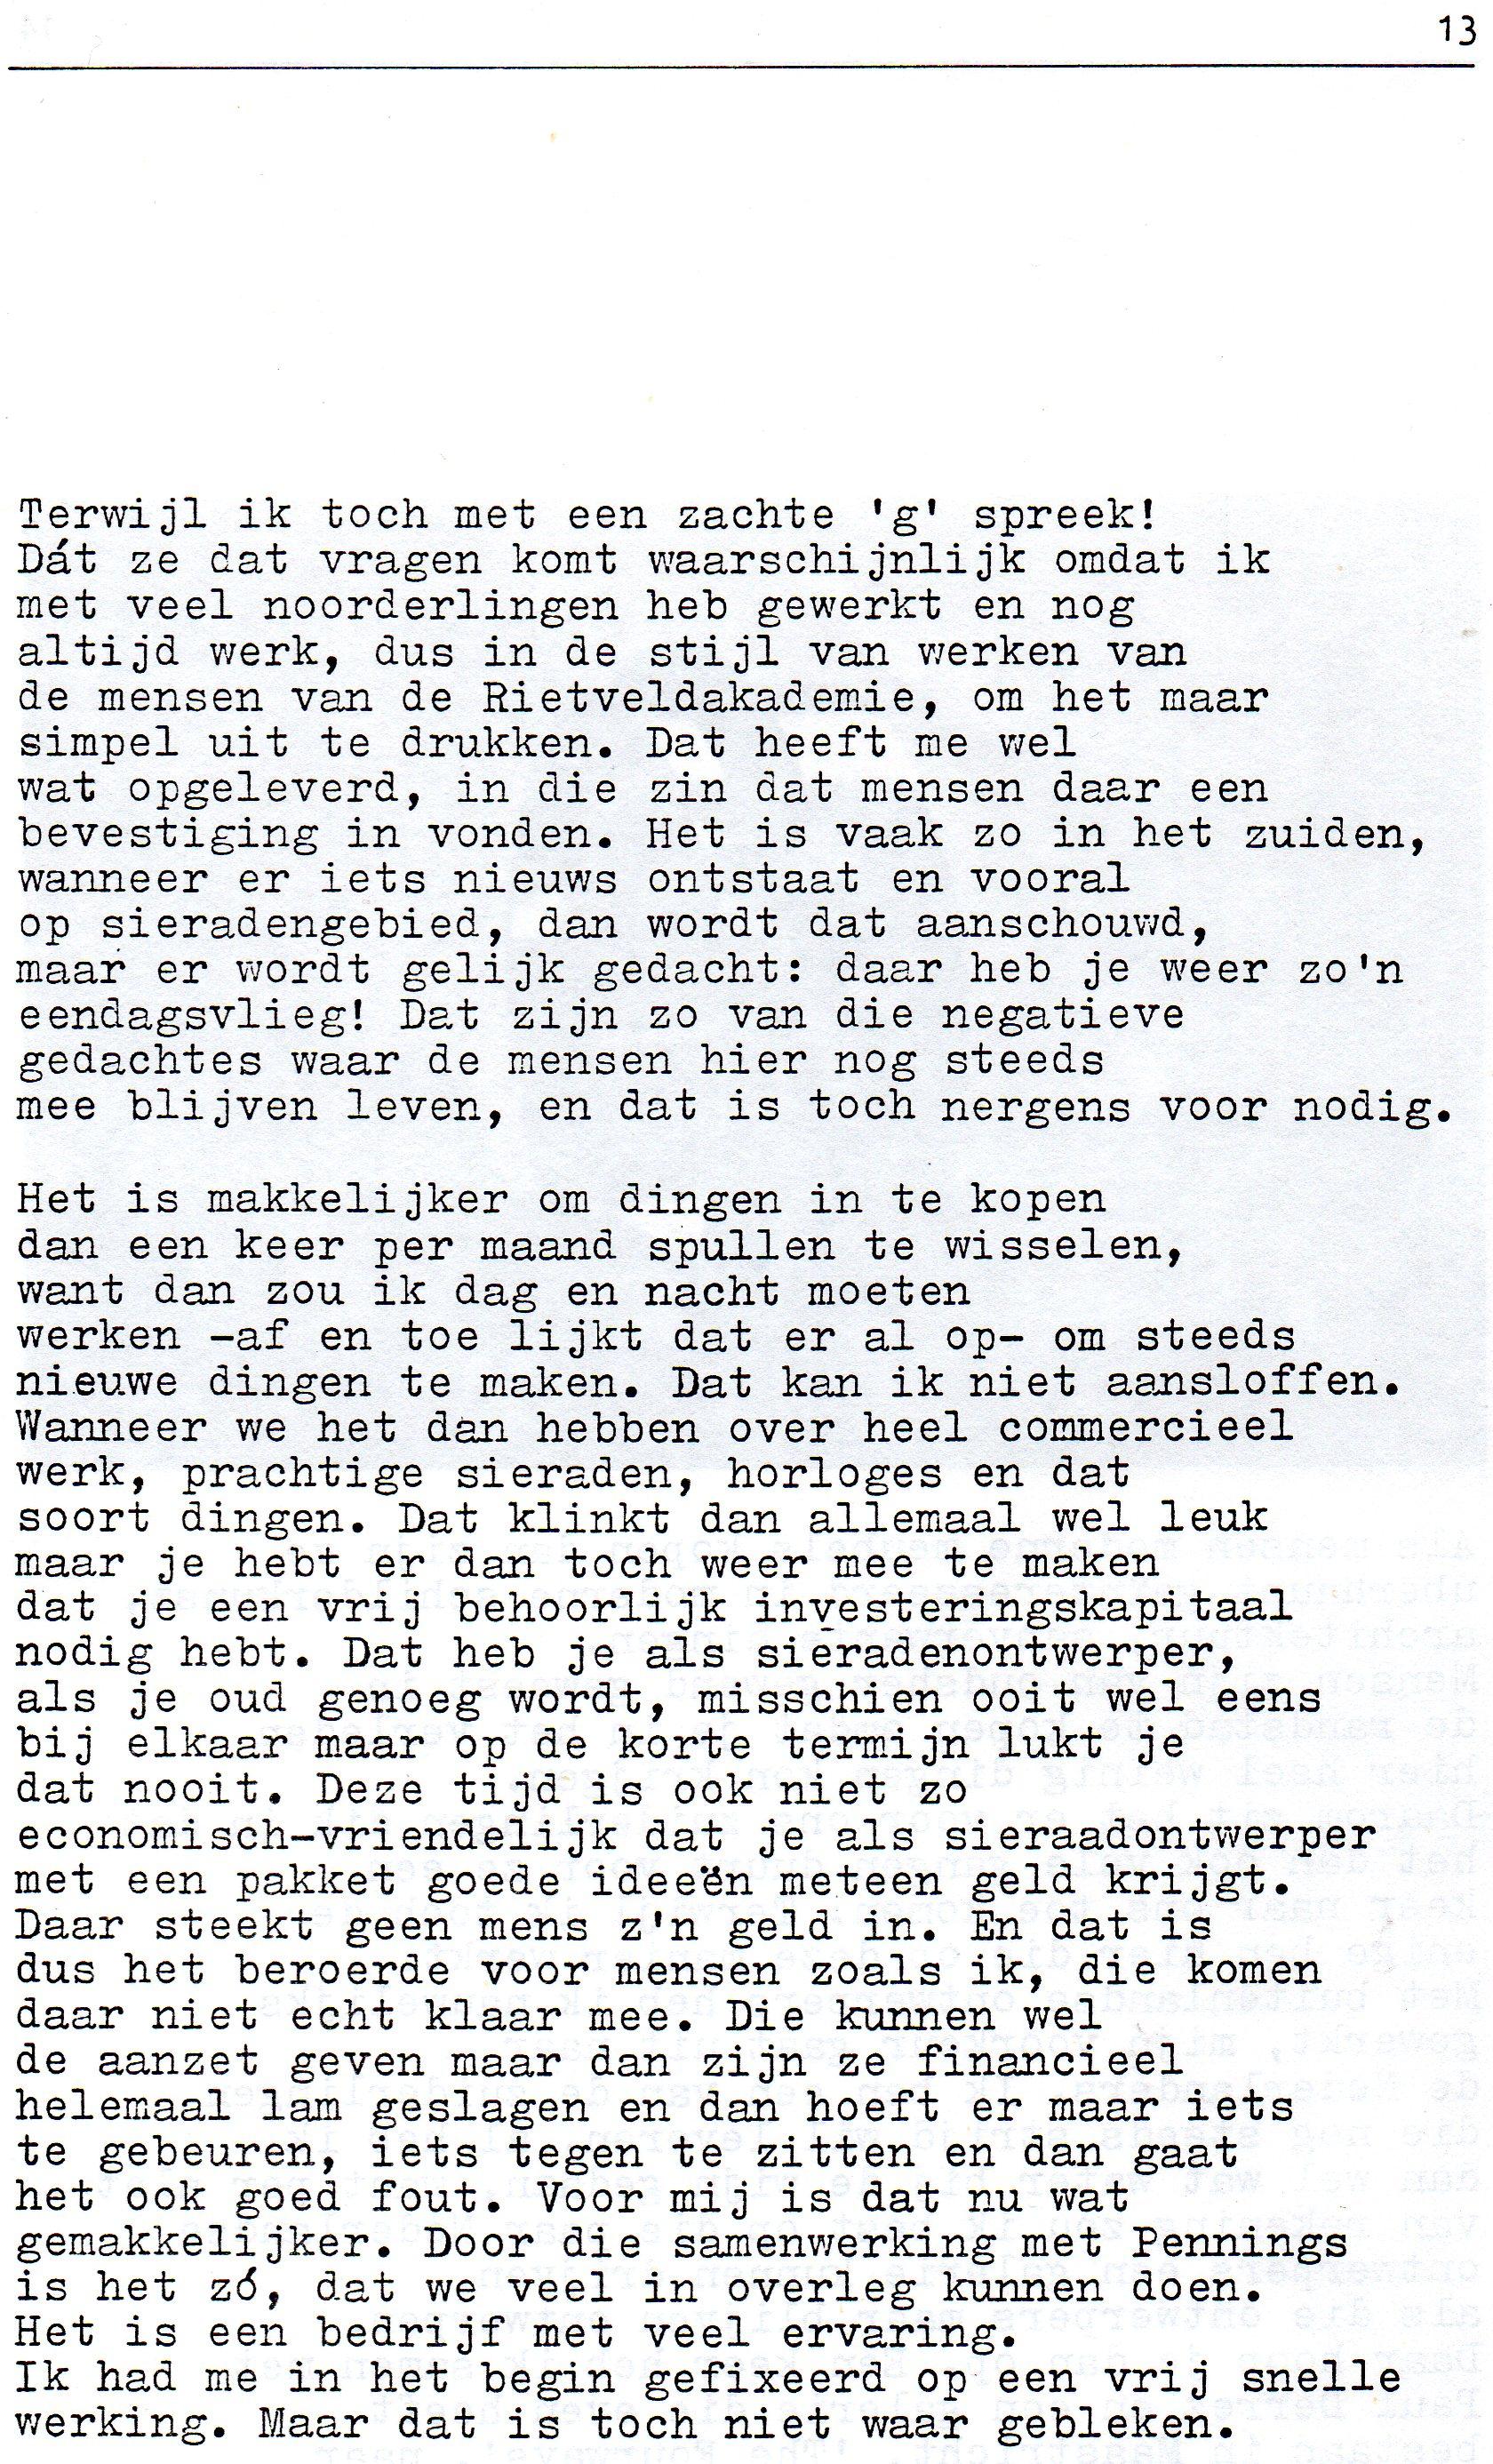 Clemens van den Broeck in het VES bulletin, 6, papier, typoscript